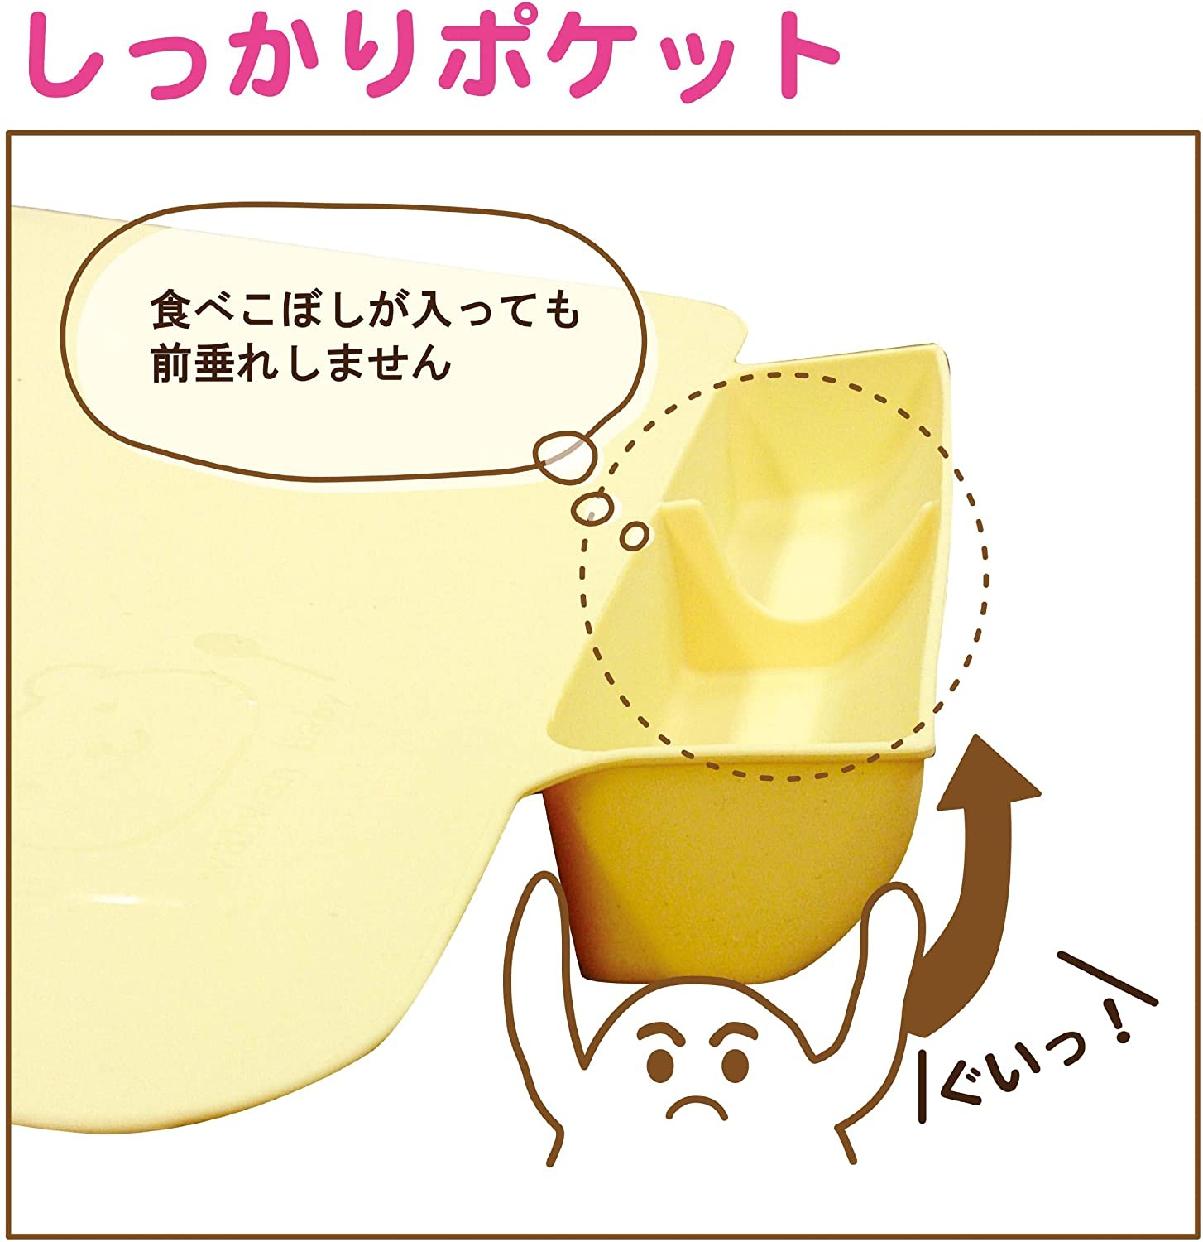 わんわんベビー ポケット付きお食事マット イエローの商品画像5